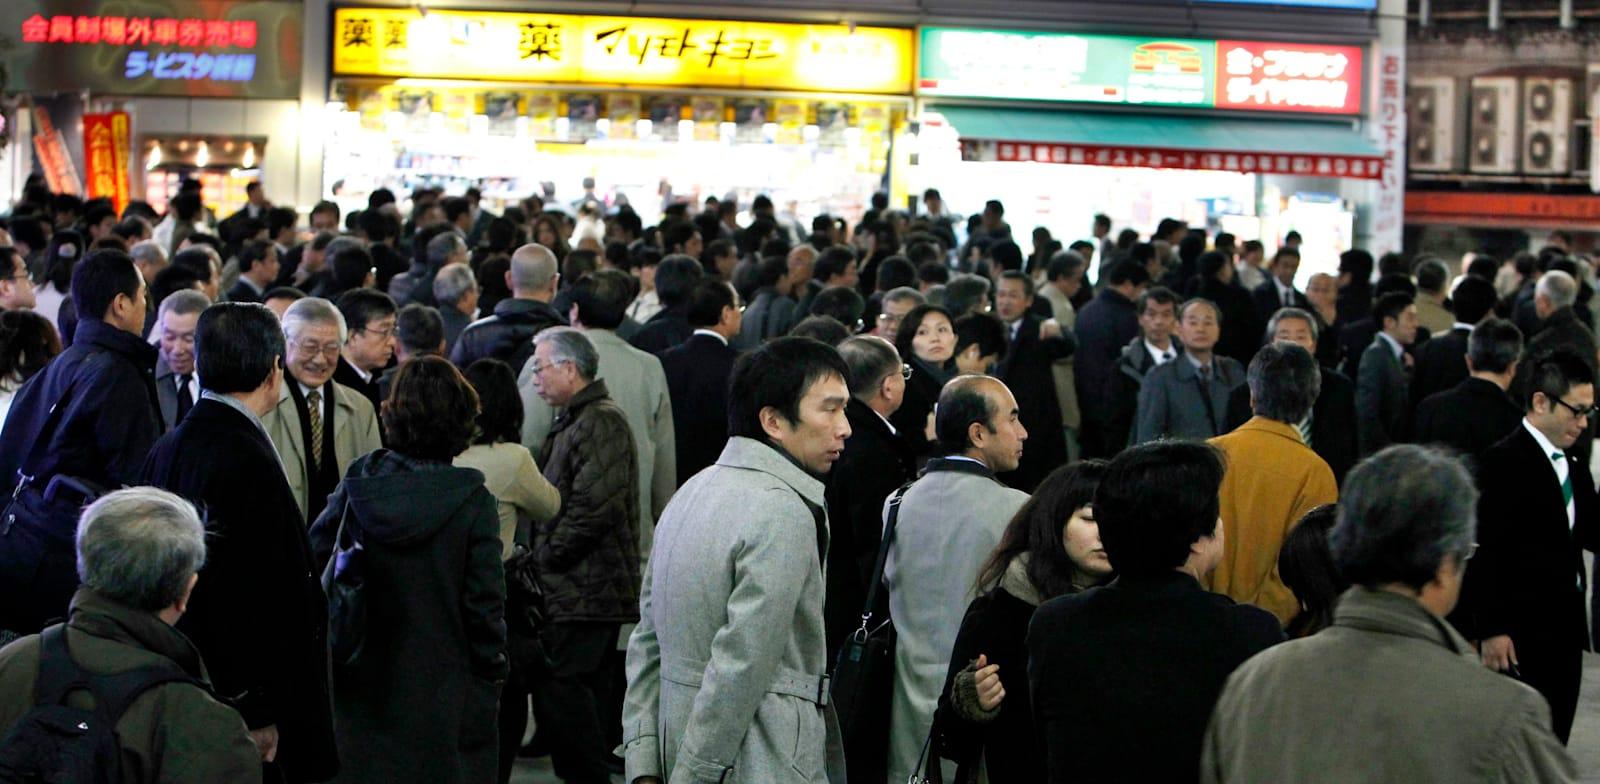 עובדי משרדים במרכז טוקיו בדרכם לתחנת הרכבת בתום  יום עבודה / צילום: Associated Press, Shizuo Kambayashi